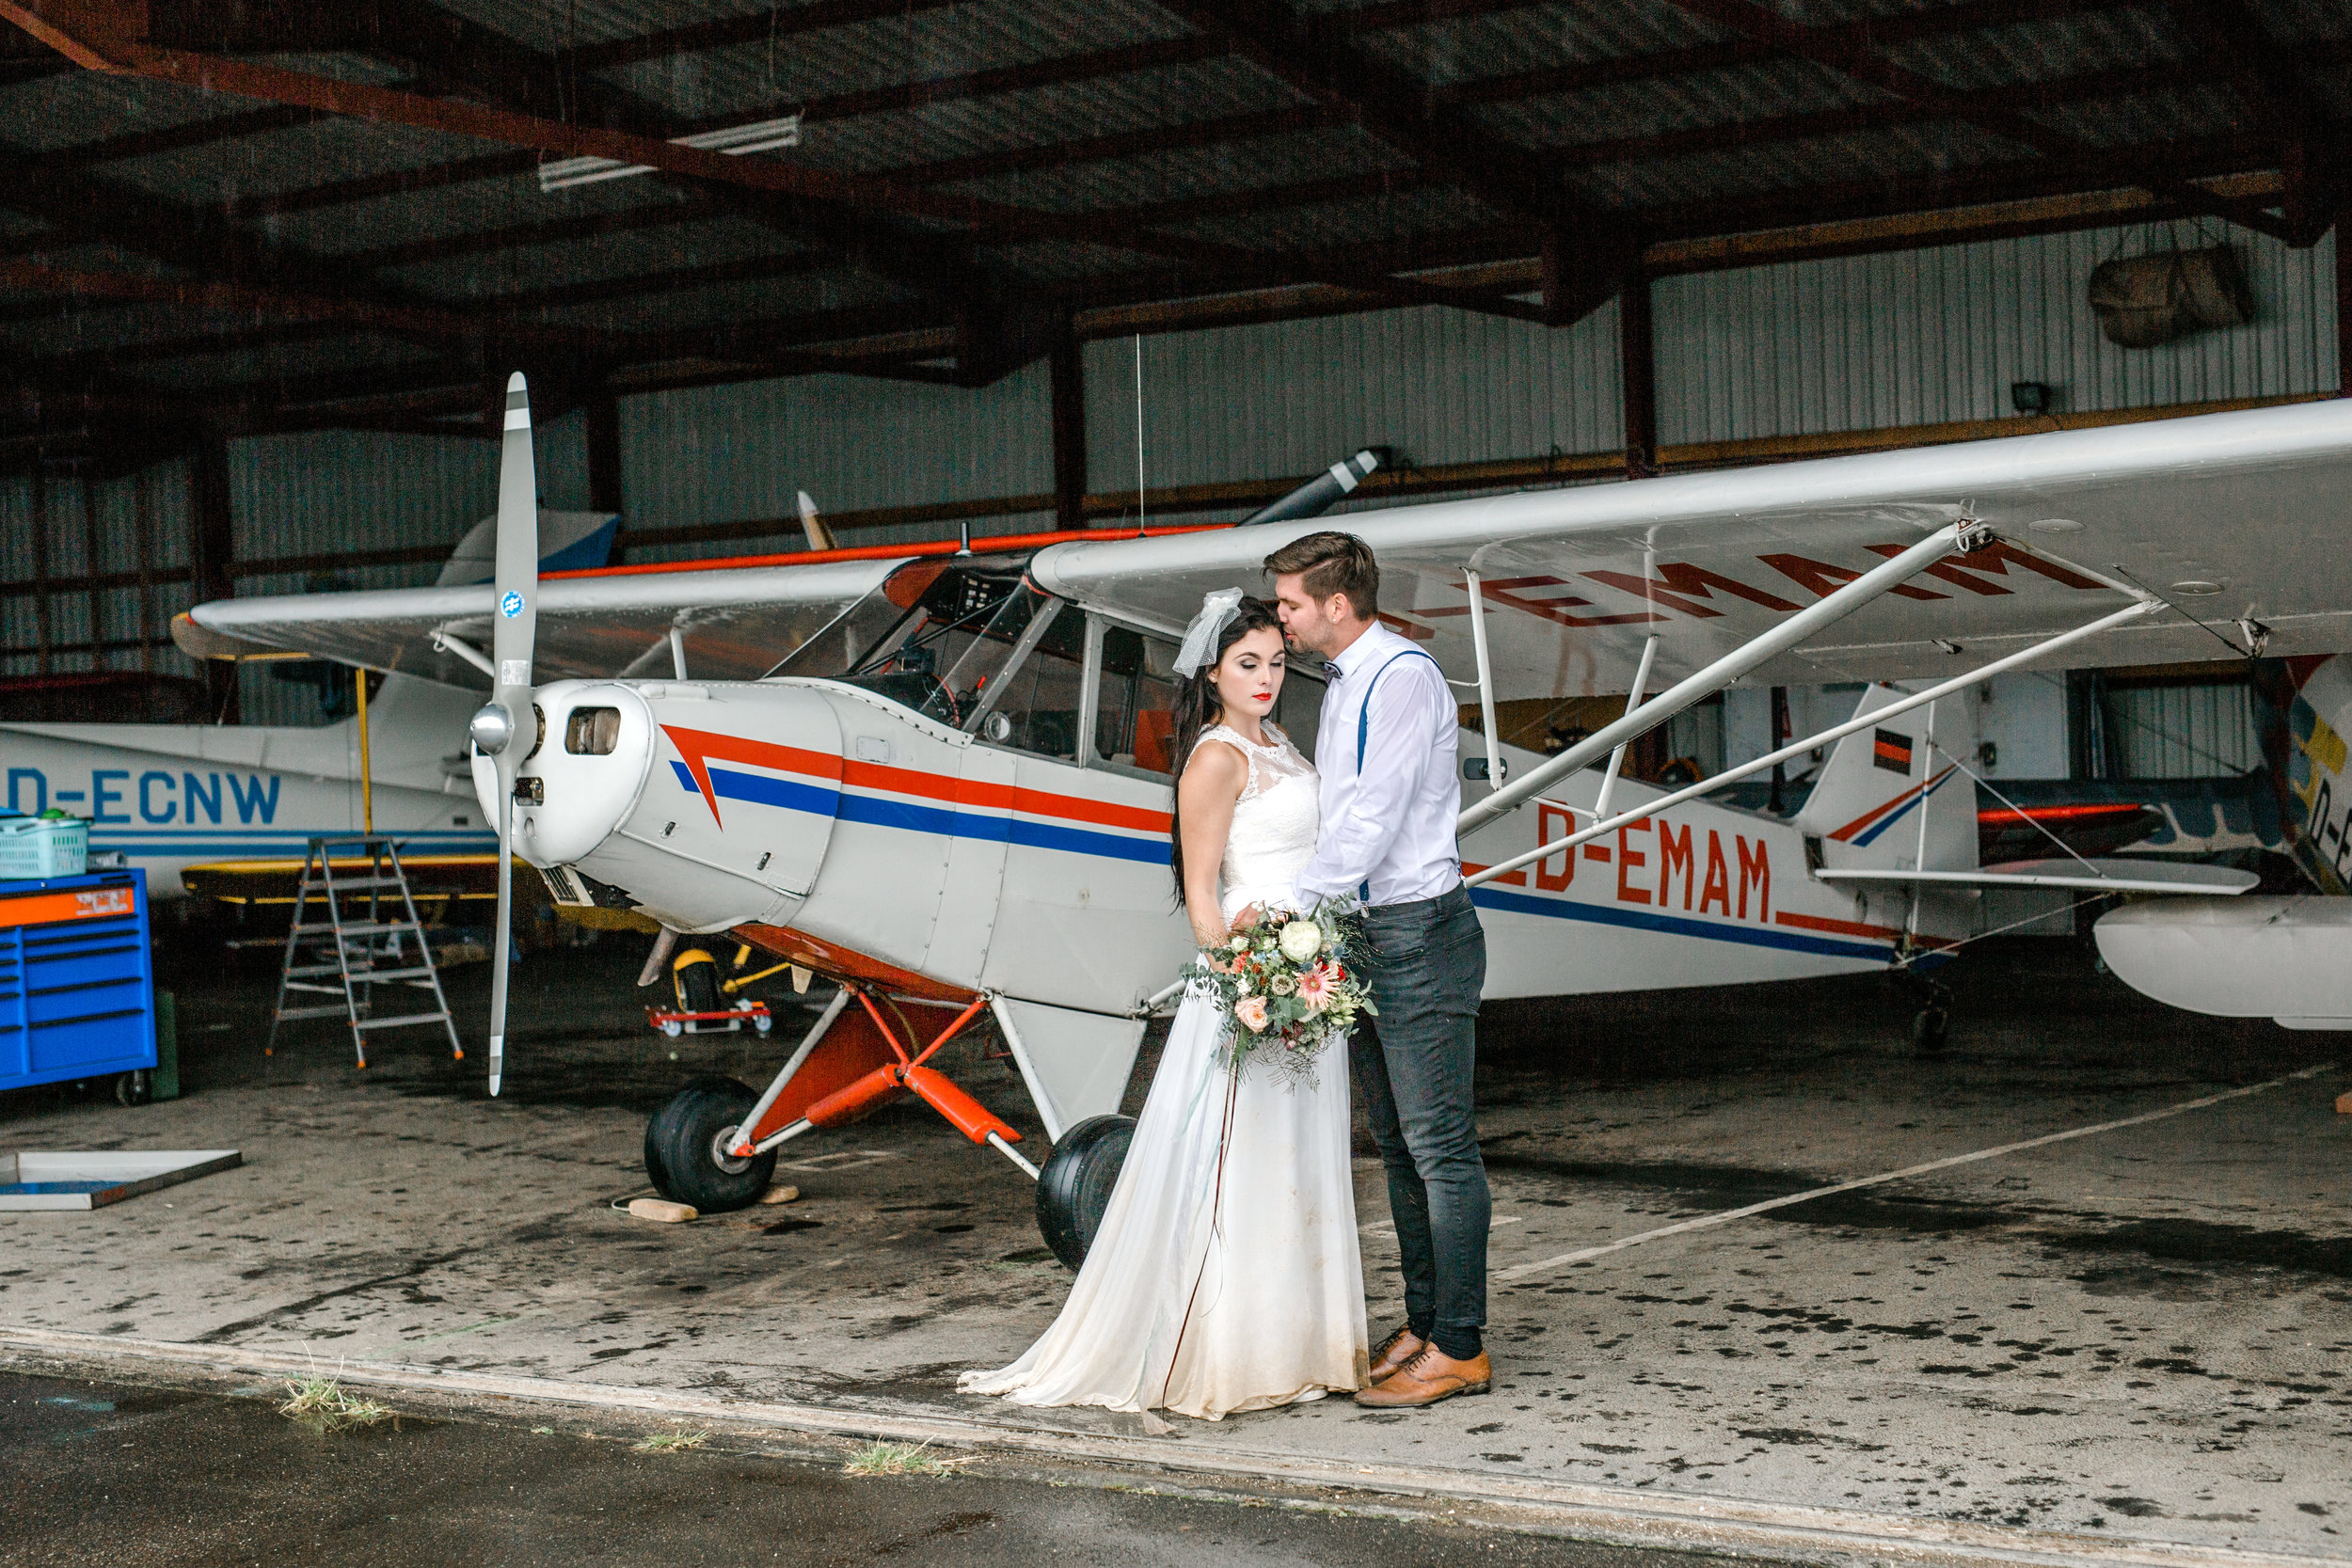 Flugplatz_Hochzeit-370.JPG